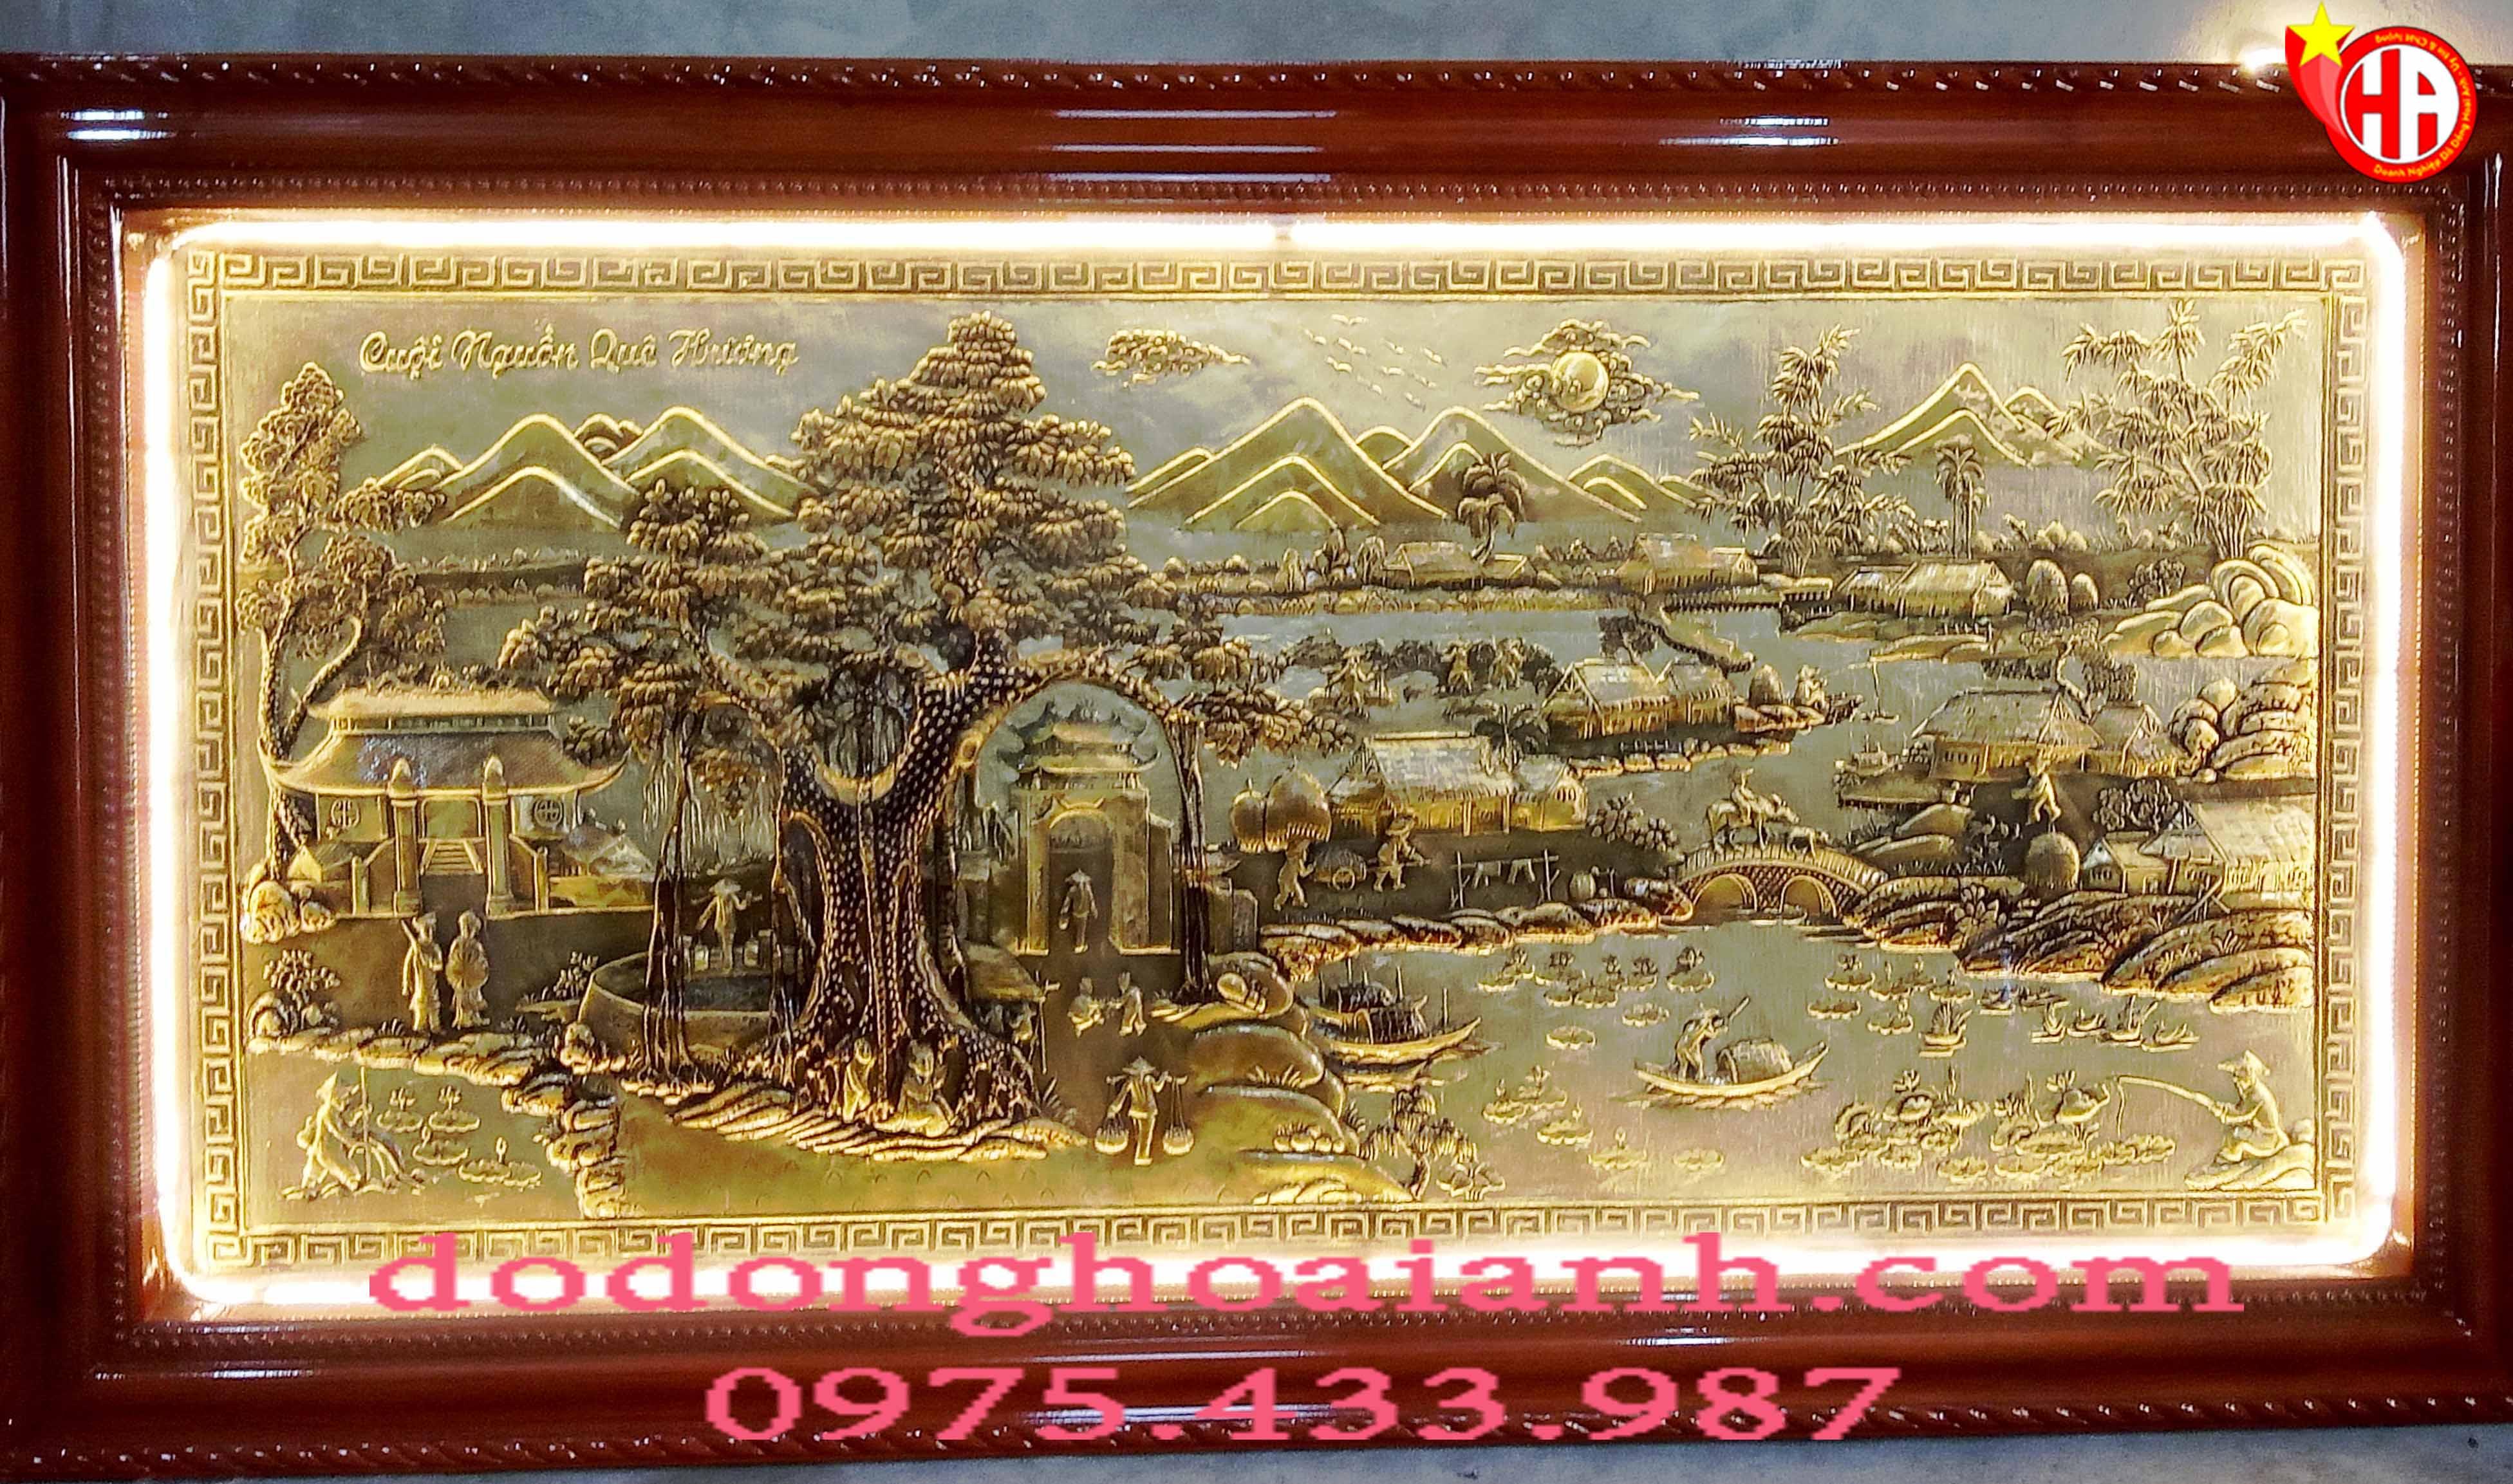 Tranh đồng cội nguồn quê hương đồng vàng giả cổ khung xoắn